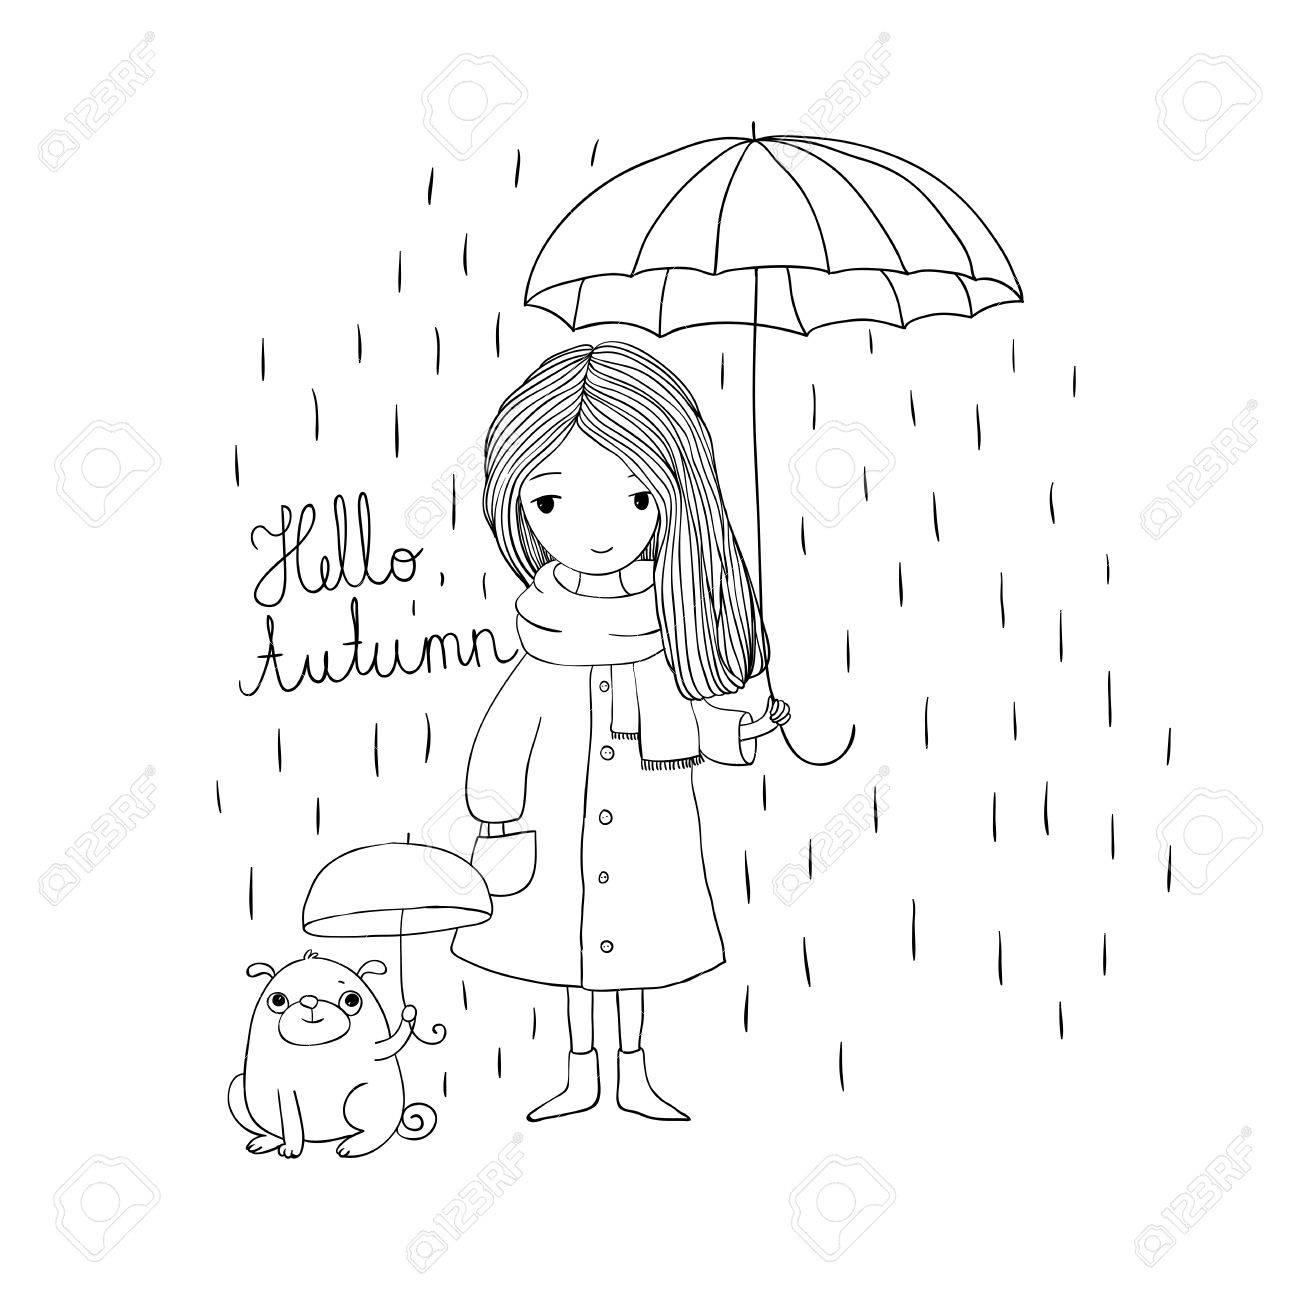 Belle Petite Fille Et Un Roquet Mignon De Bande Dessinée Sous Un Parapluie Thème De L Automne Dessin à La Main Des Objets Sur Fond Blanc Isolé